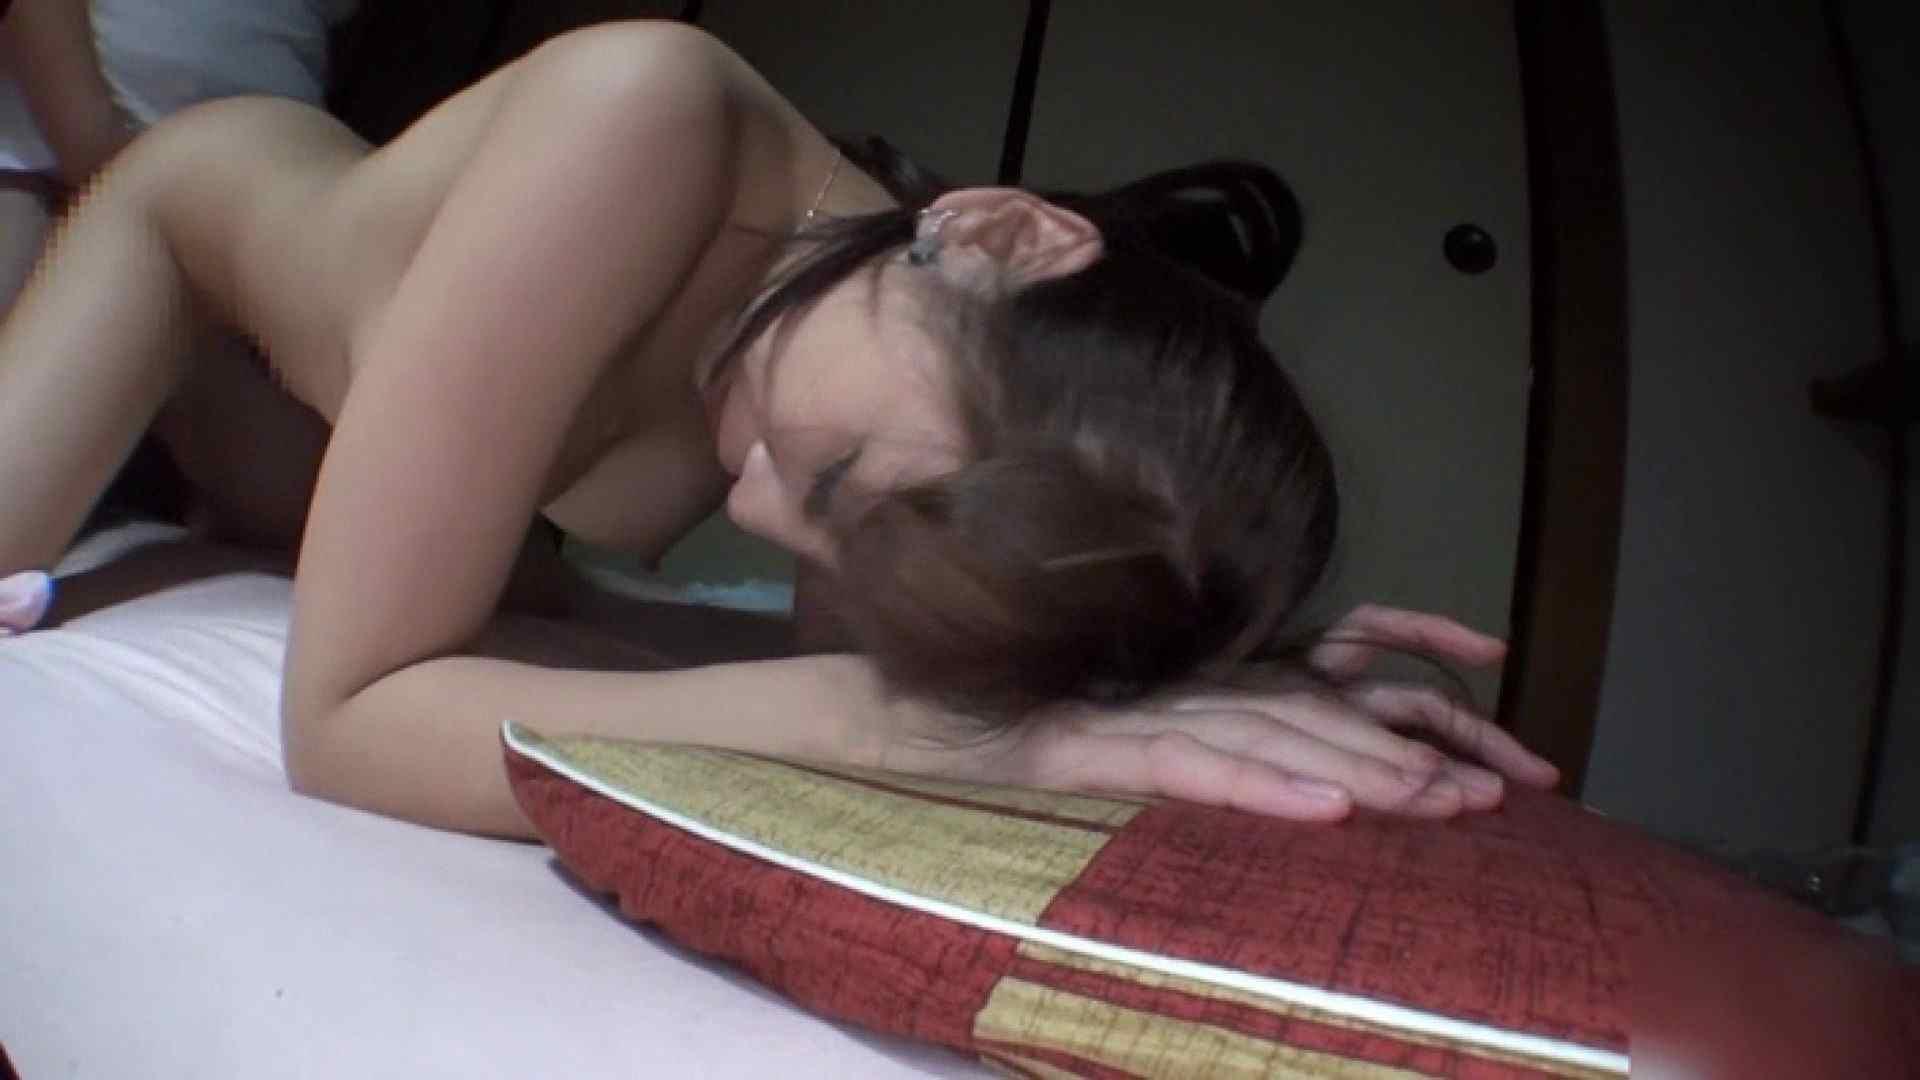 おしえてギャル子のH塾 Vol.04 後編 一般投稿 オマンコ無修正動画無料 45pic 18